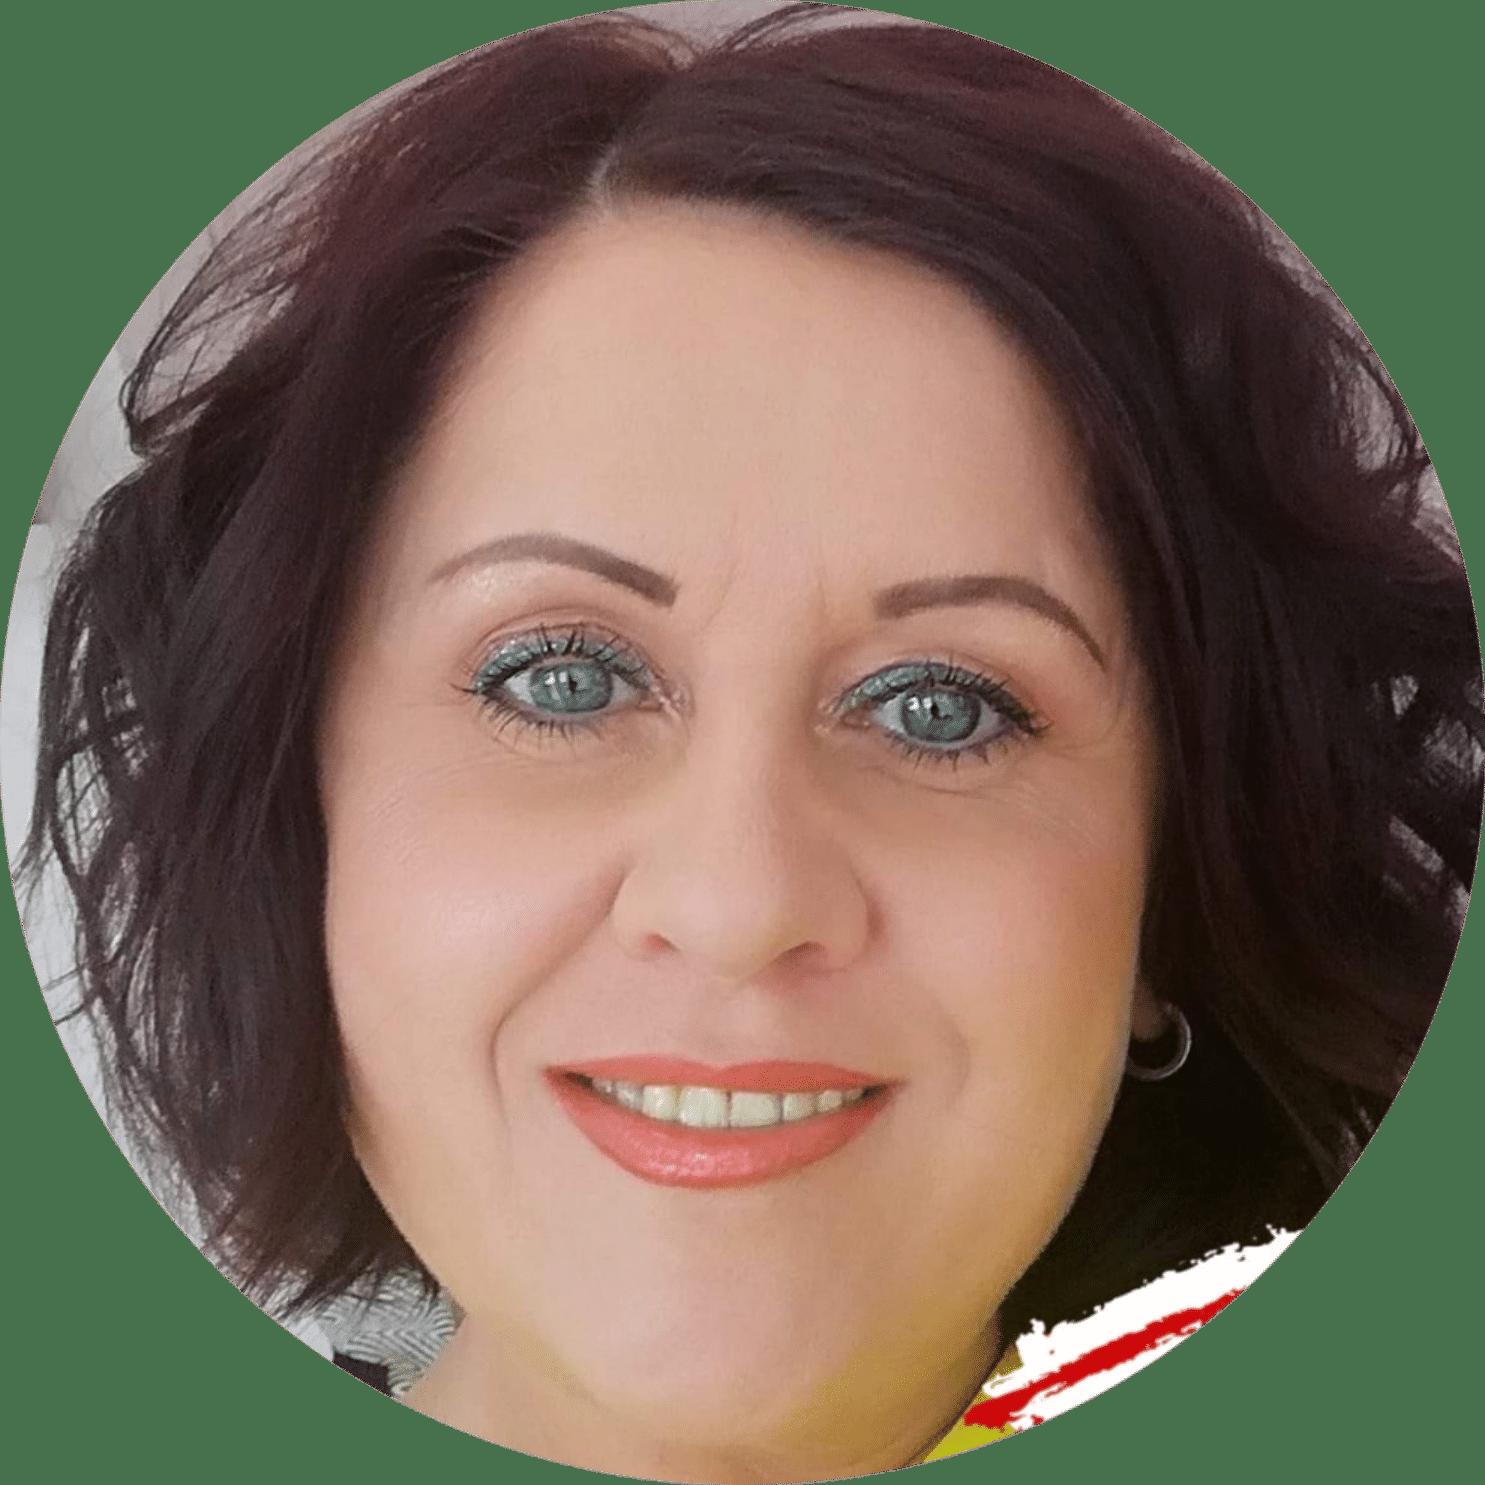 Irena Matheeuwsen